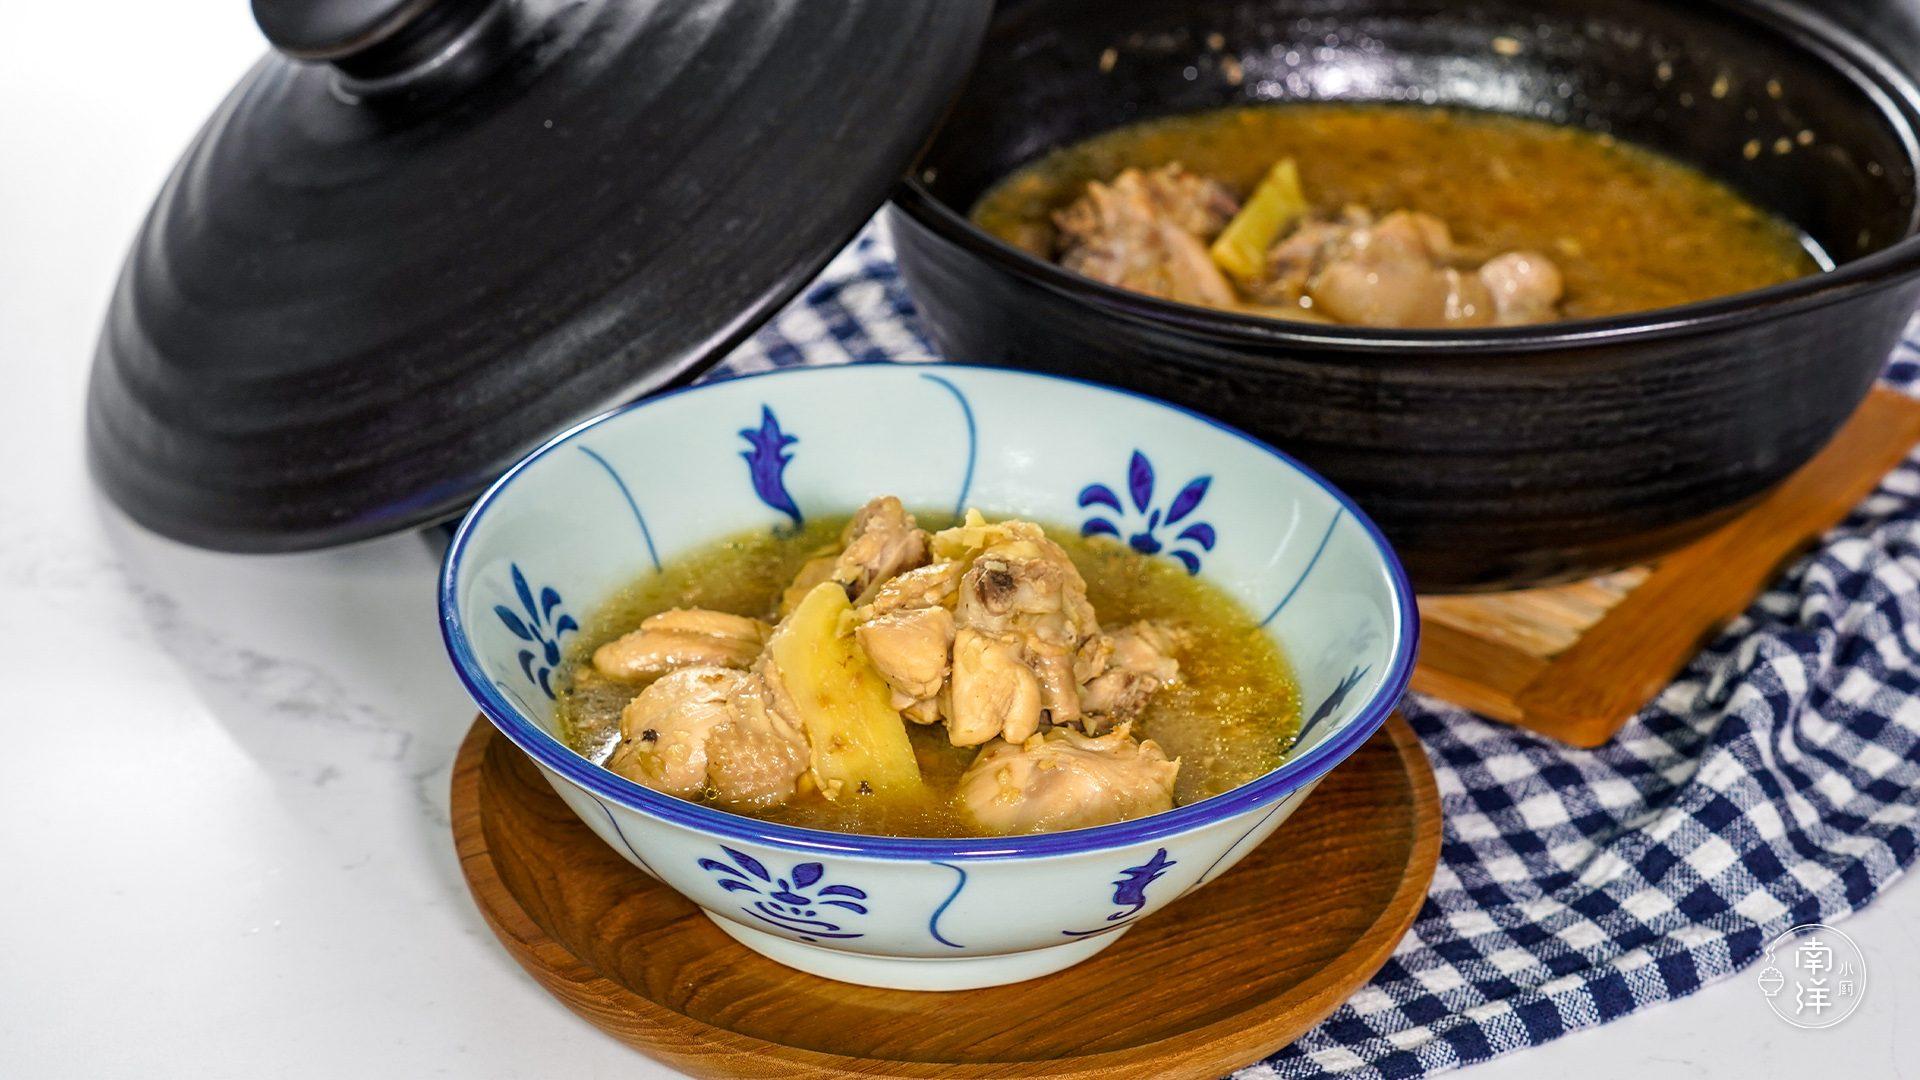 黄酒鸡煲 Drunken Ginger Chicken Pot